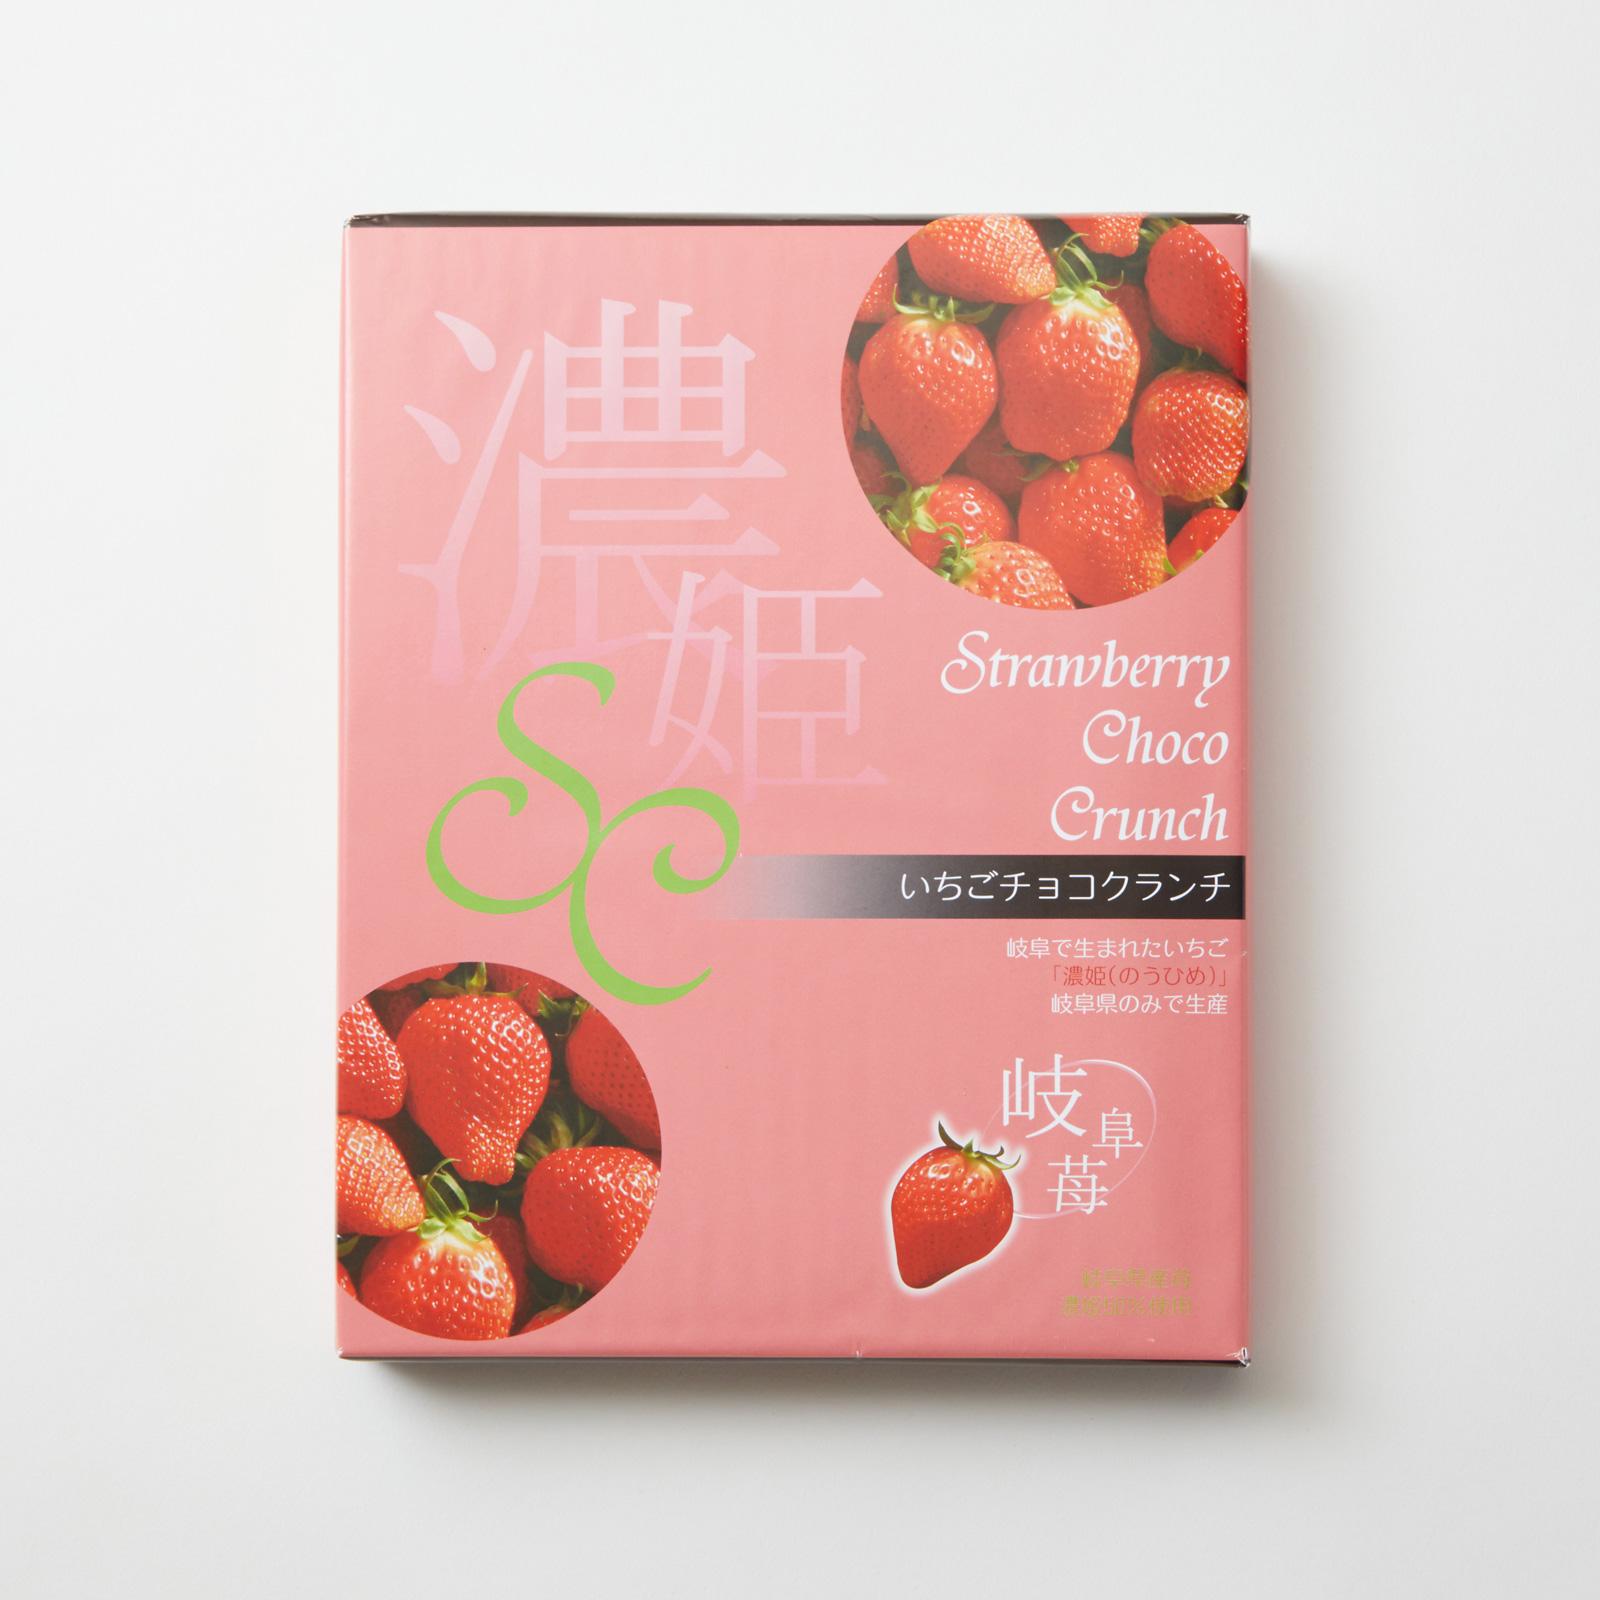 【濃姫クランチ20個入り】岐阜県産の濃姫いちごを50%使った、味わい豊かなホワイトチョコクランチ